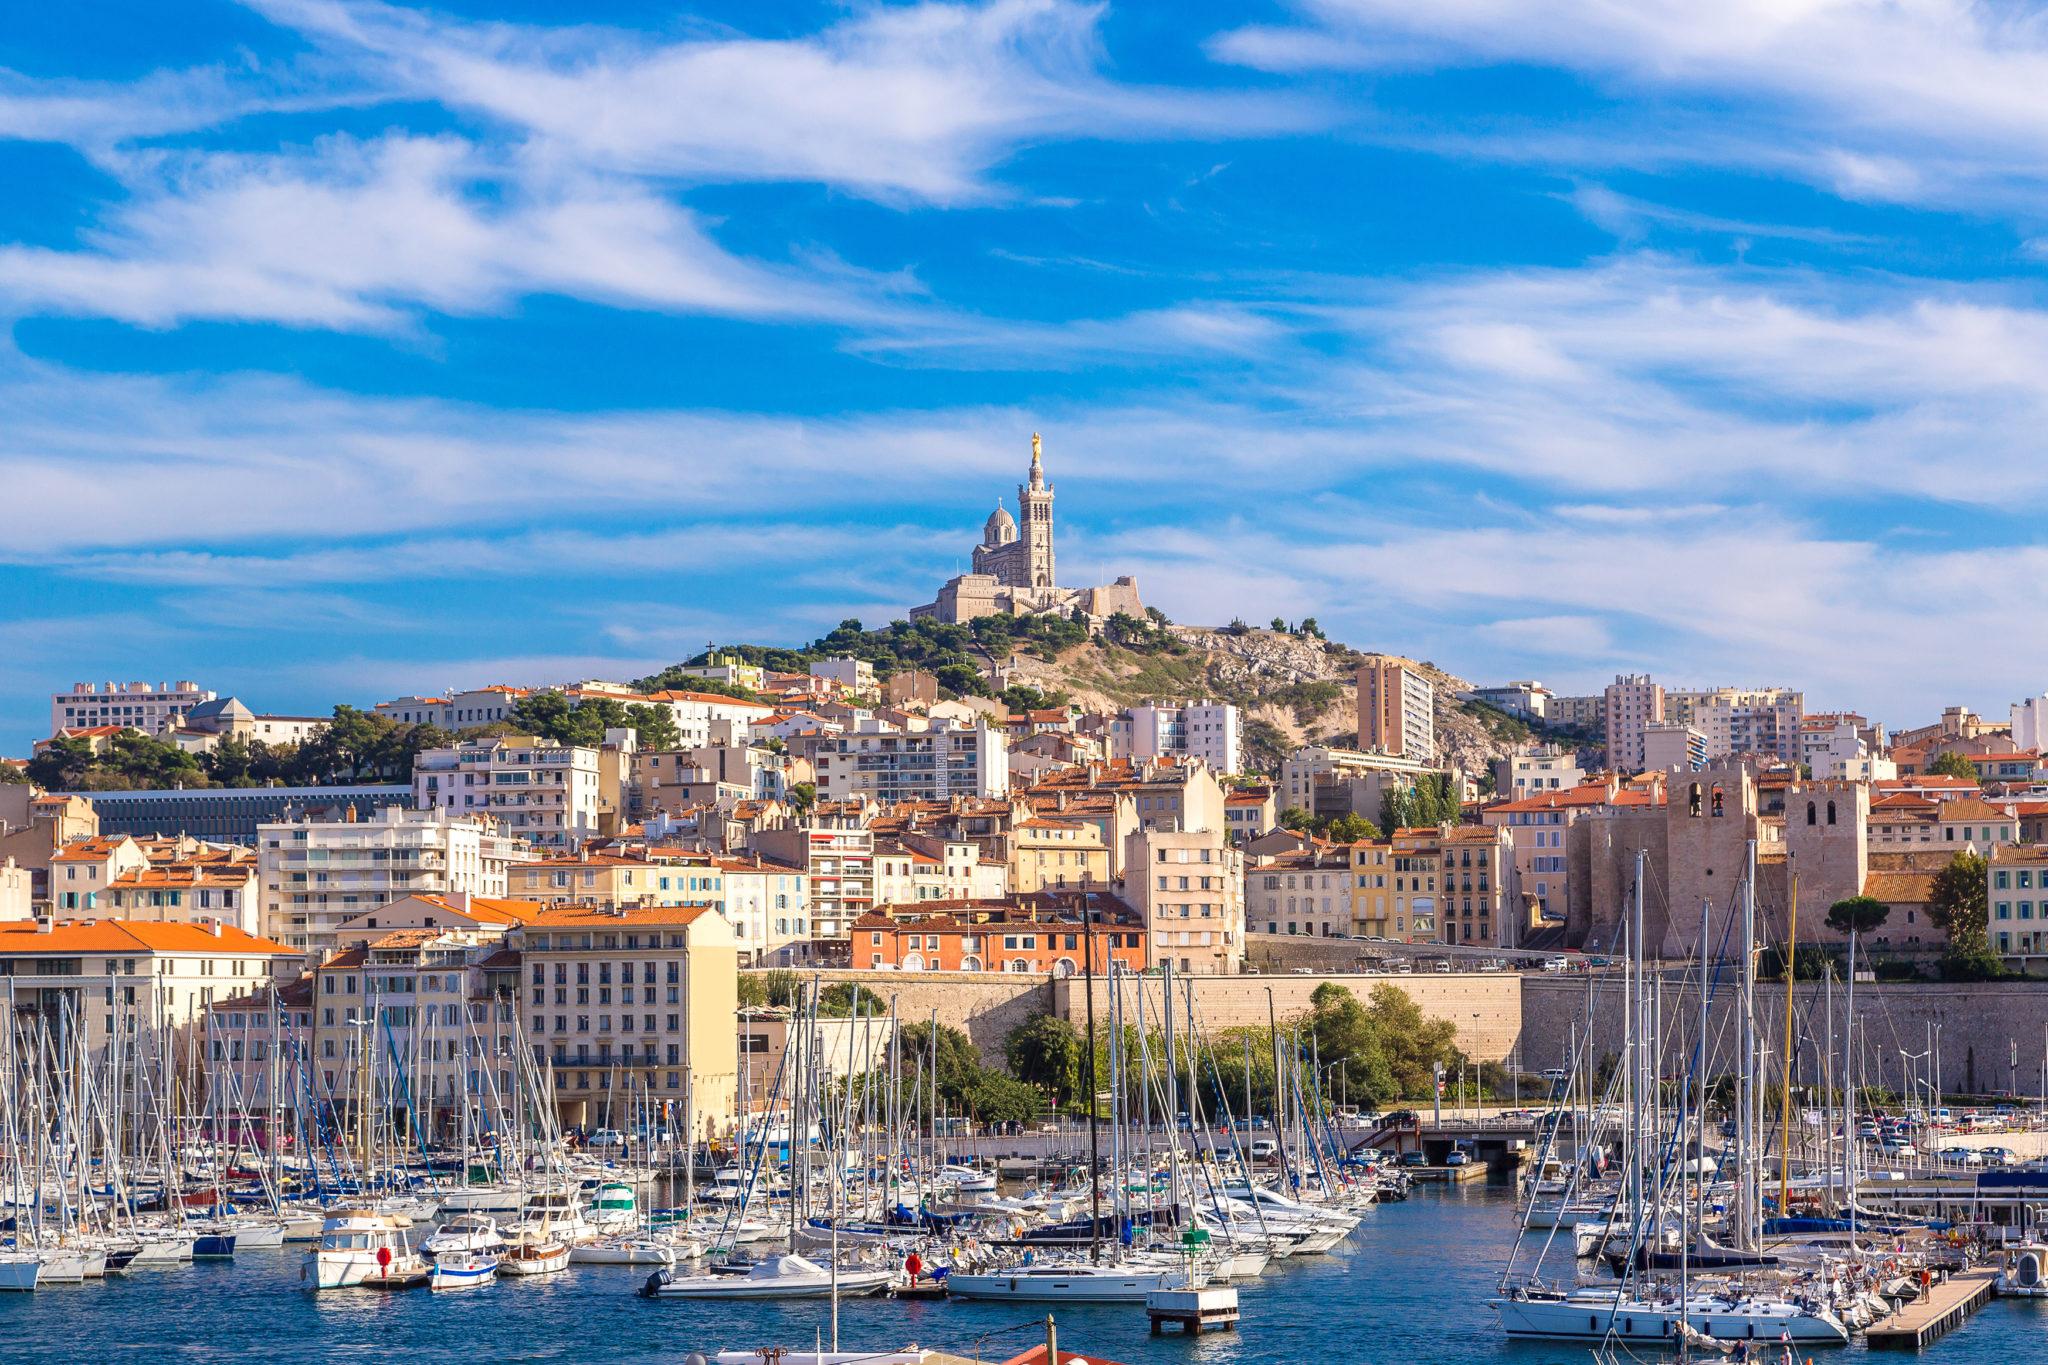 Ville dynamique appréciée de familles, des jeunes actifs et aussi des étudiants, Marseille a tout pour vous offrir de bons rendements si vous y investissez dans l'immobilier.